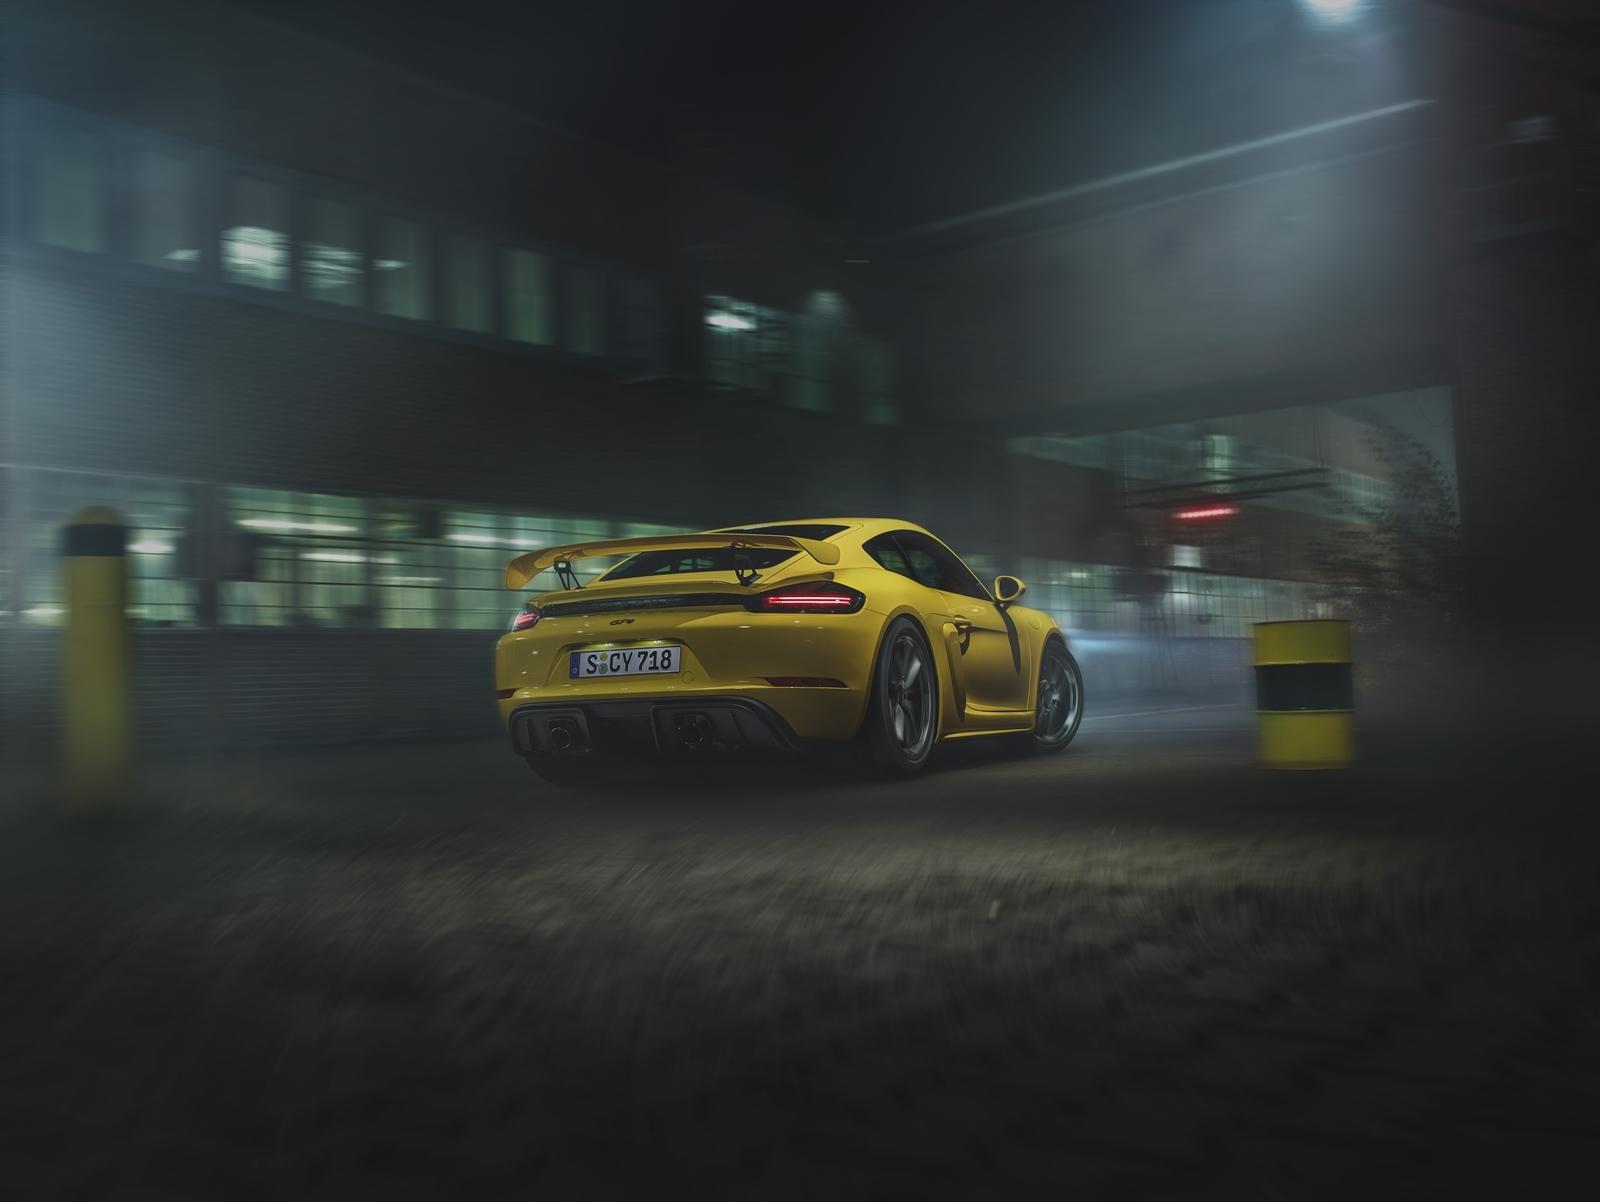 Porsche 718 Cayman Gt4 2019 0619 011